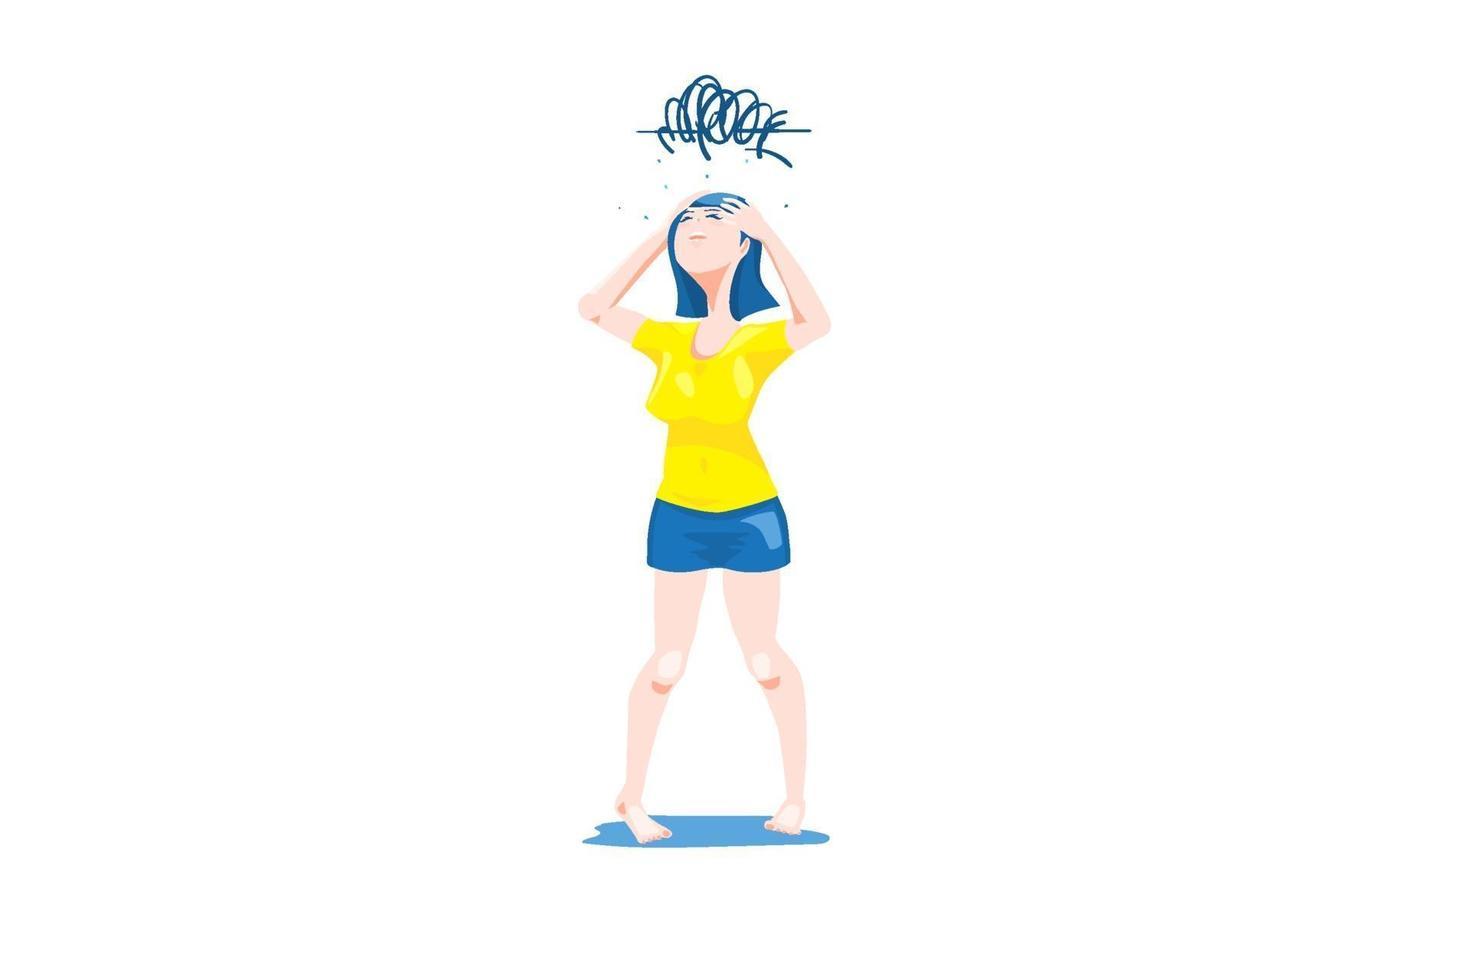 flickan i gul t-shirt och blå mini kjol med oro och förvirring känslor, huvudvärk rörelse i vit bakgrund. vektor